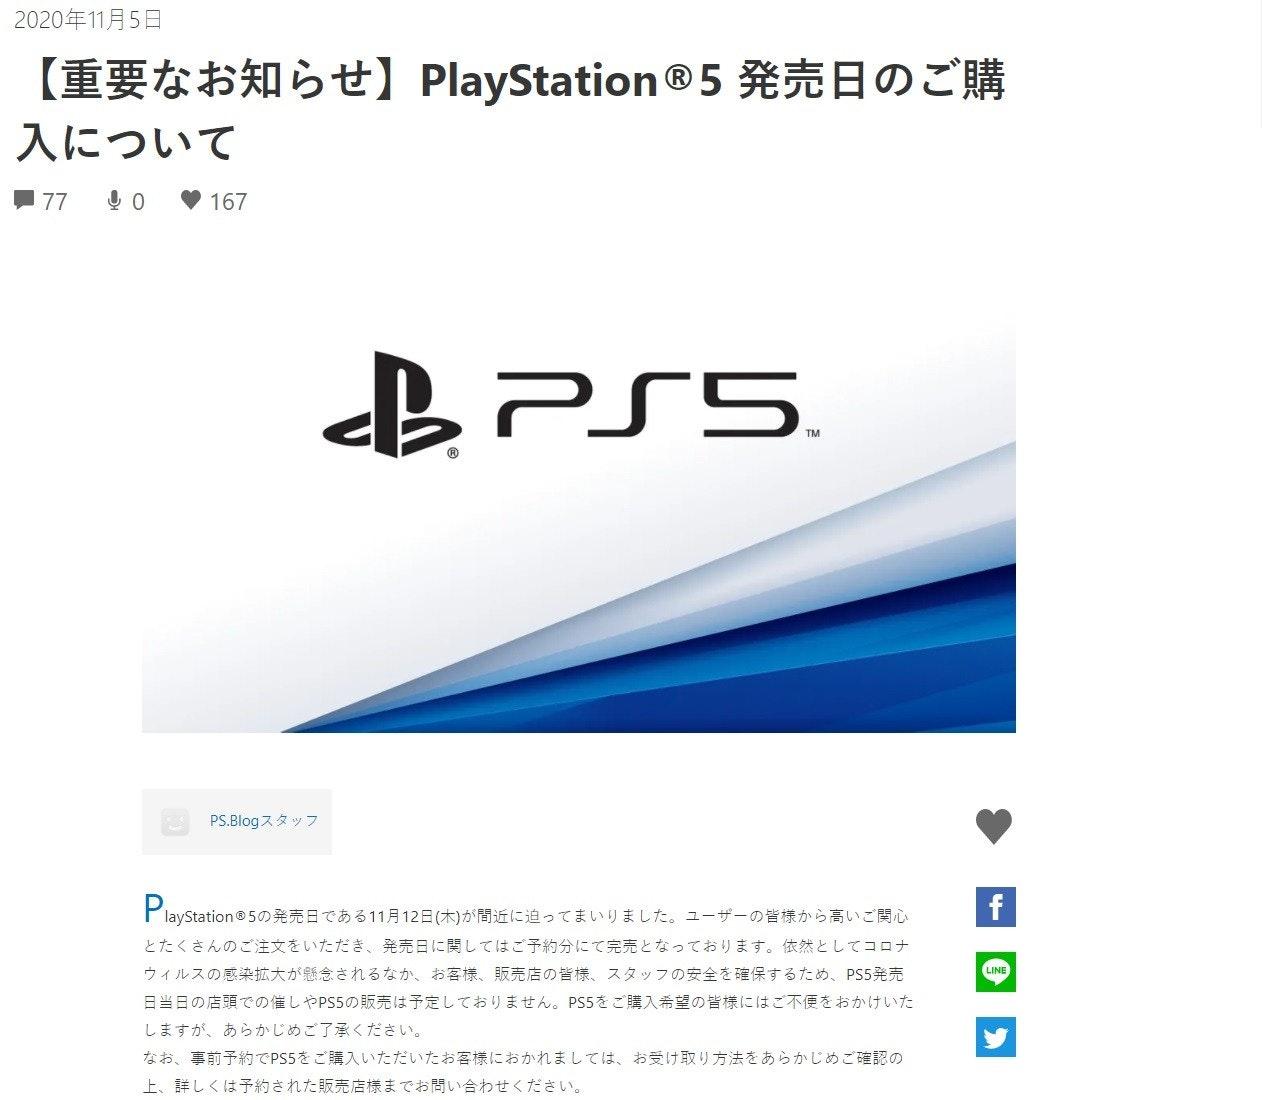 照片中提到了2020年11月5日、【重要なお知らせ】 PlayStation ®5 発売日のご購、入について,跟的PlayStation有關,包含了角度、孩子們、鵝卵石(3)、產品設計、產品